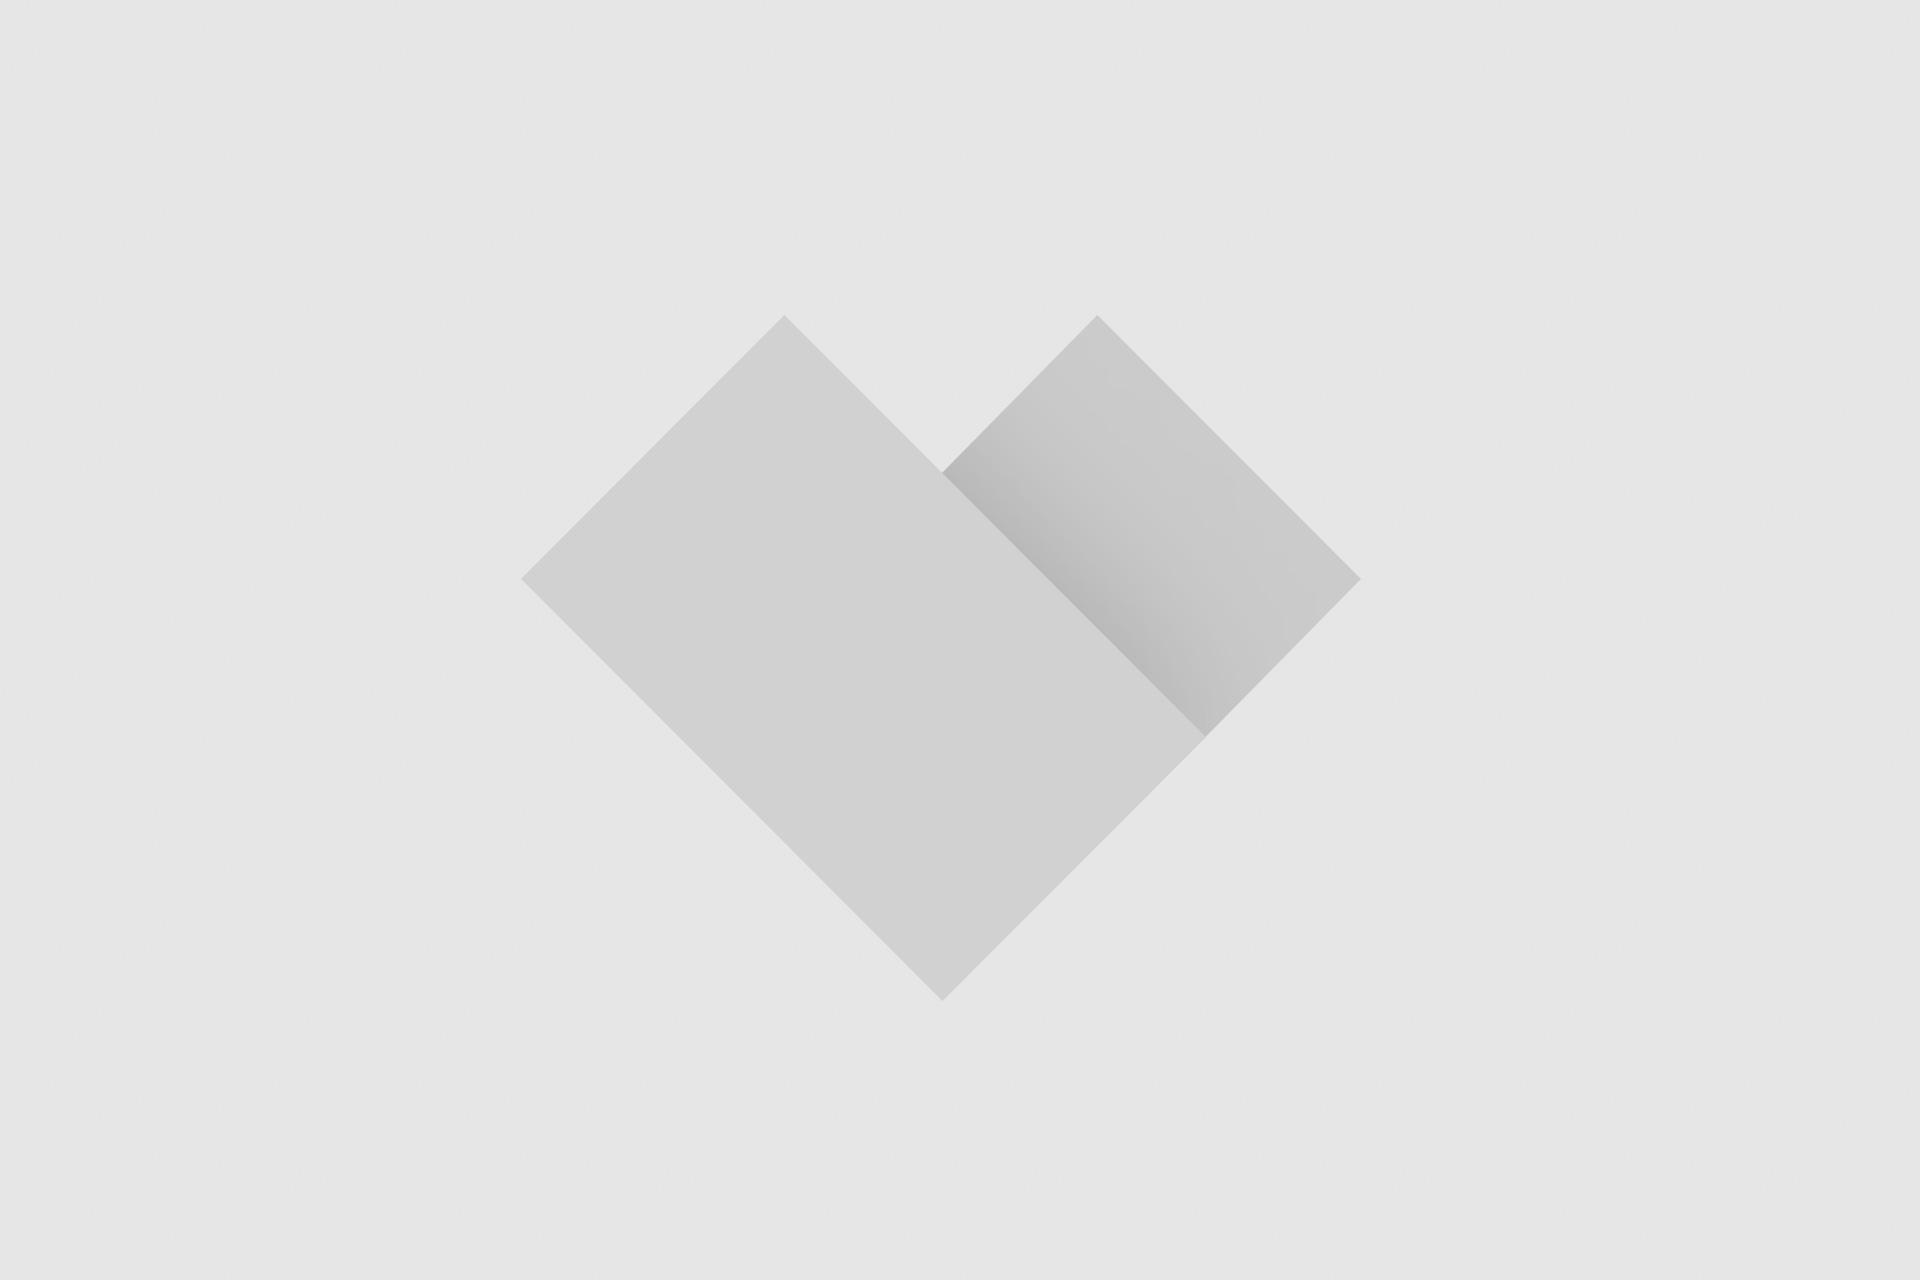 Advogado Imobiliario | Advocacia Imobiliária